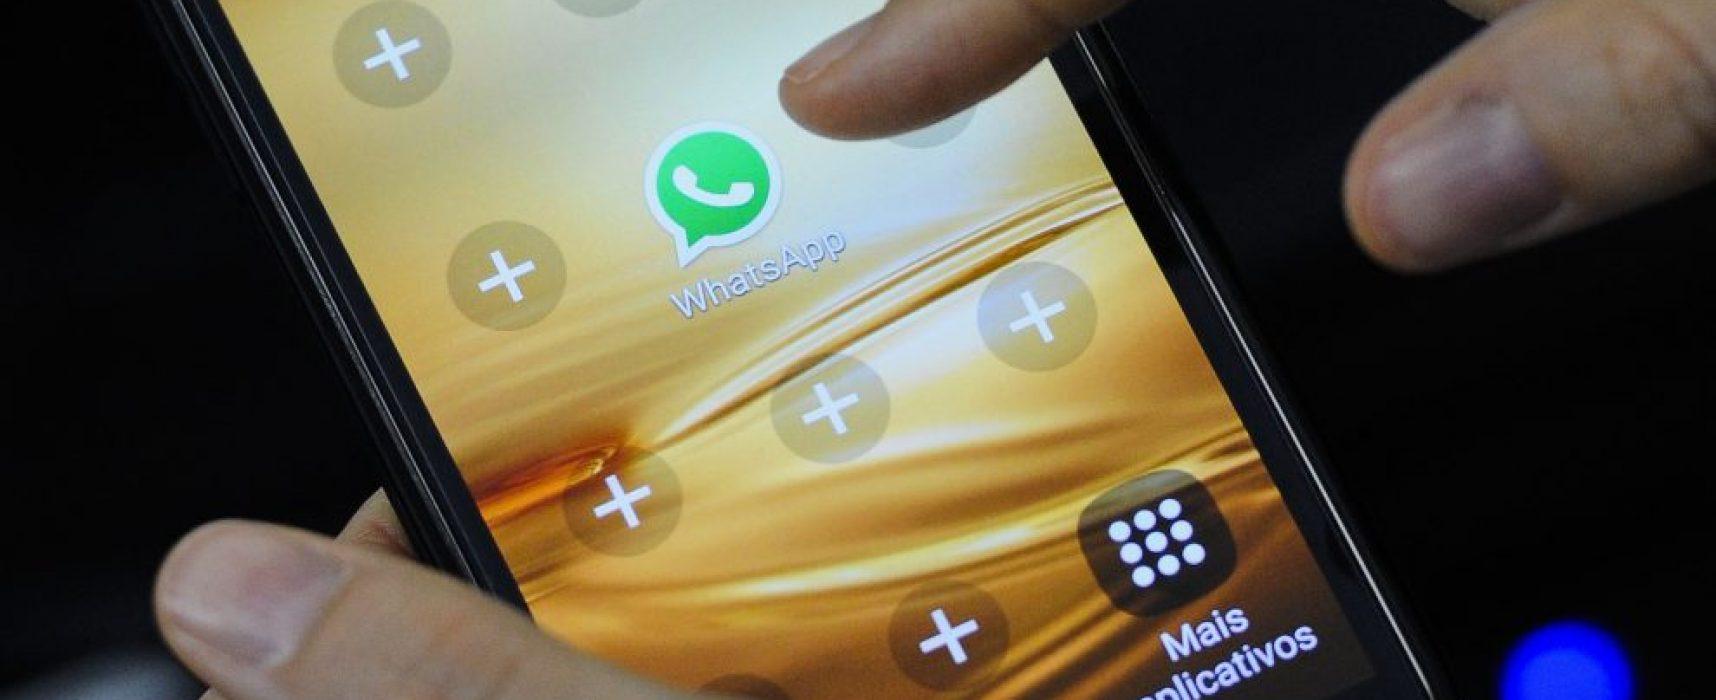 WhatsApp es como la caja negra de la desinformación viral, en Brasil se desafían a verificar su contenido